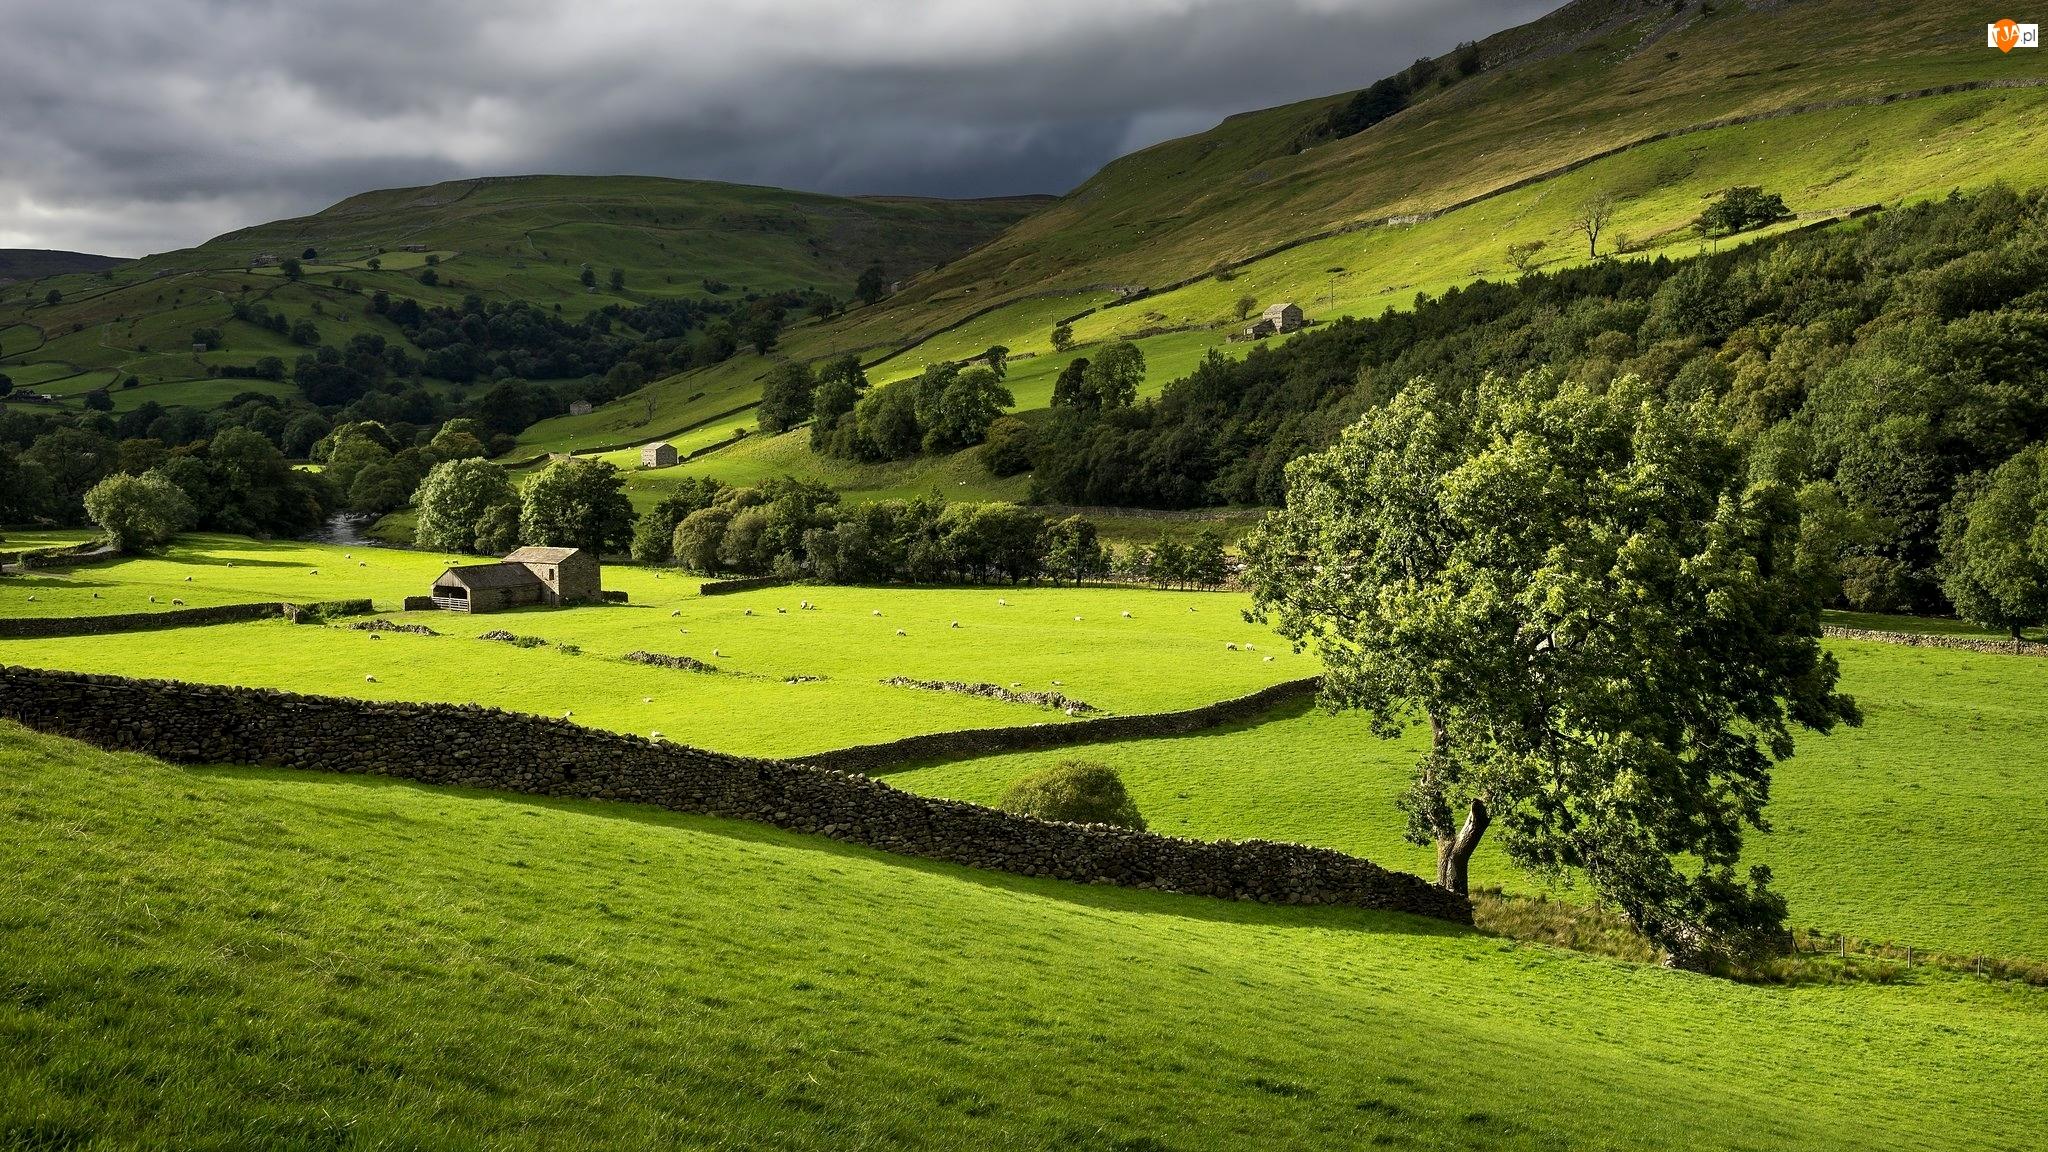 Owce, Kamienne, Murki, Drzewa, Park Narodowy Yorkshire Dales, Dolina Swaledale, Góry, Anglia, Łąka, Budynki